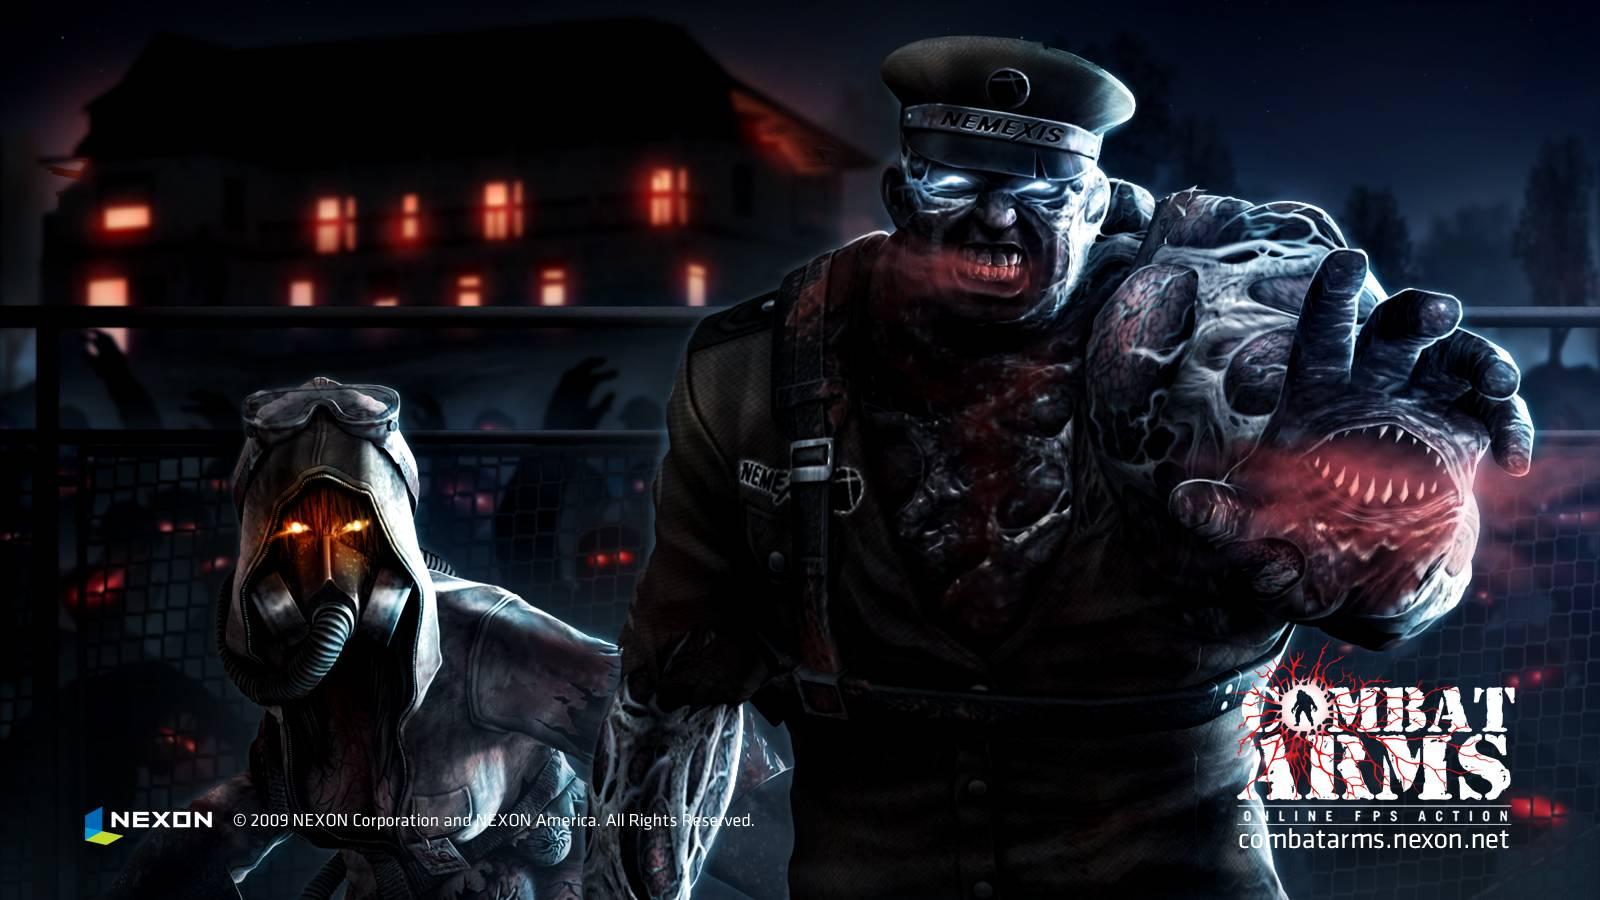 « Обои Zombie invasion - действительно великолепные живые обои из Steam  Wallpaper Engine Workshop для рабочего стола вашего компьютера, это может быть лучшая альтернатива вашим изображениям на рабочем столе Windows, которые вам абсолютно надоели, поэтому не...